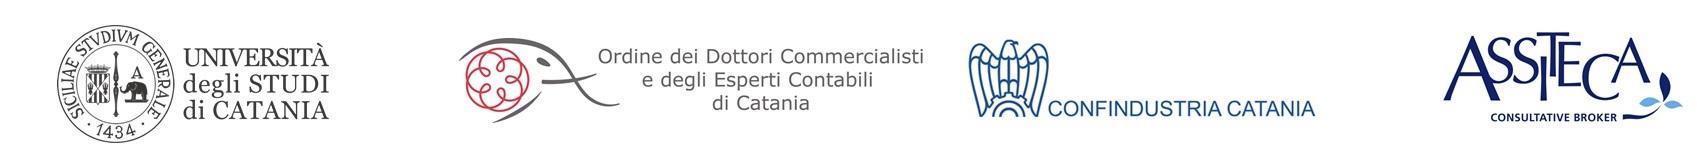 convegno Privacy Catania